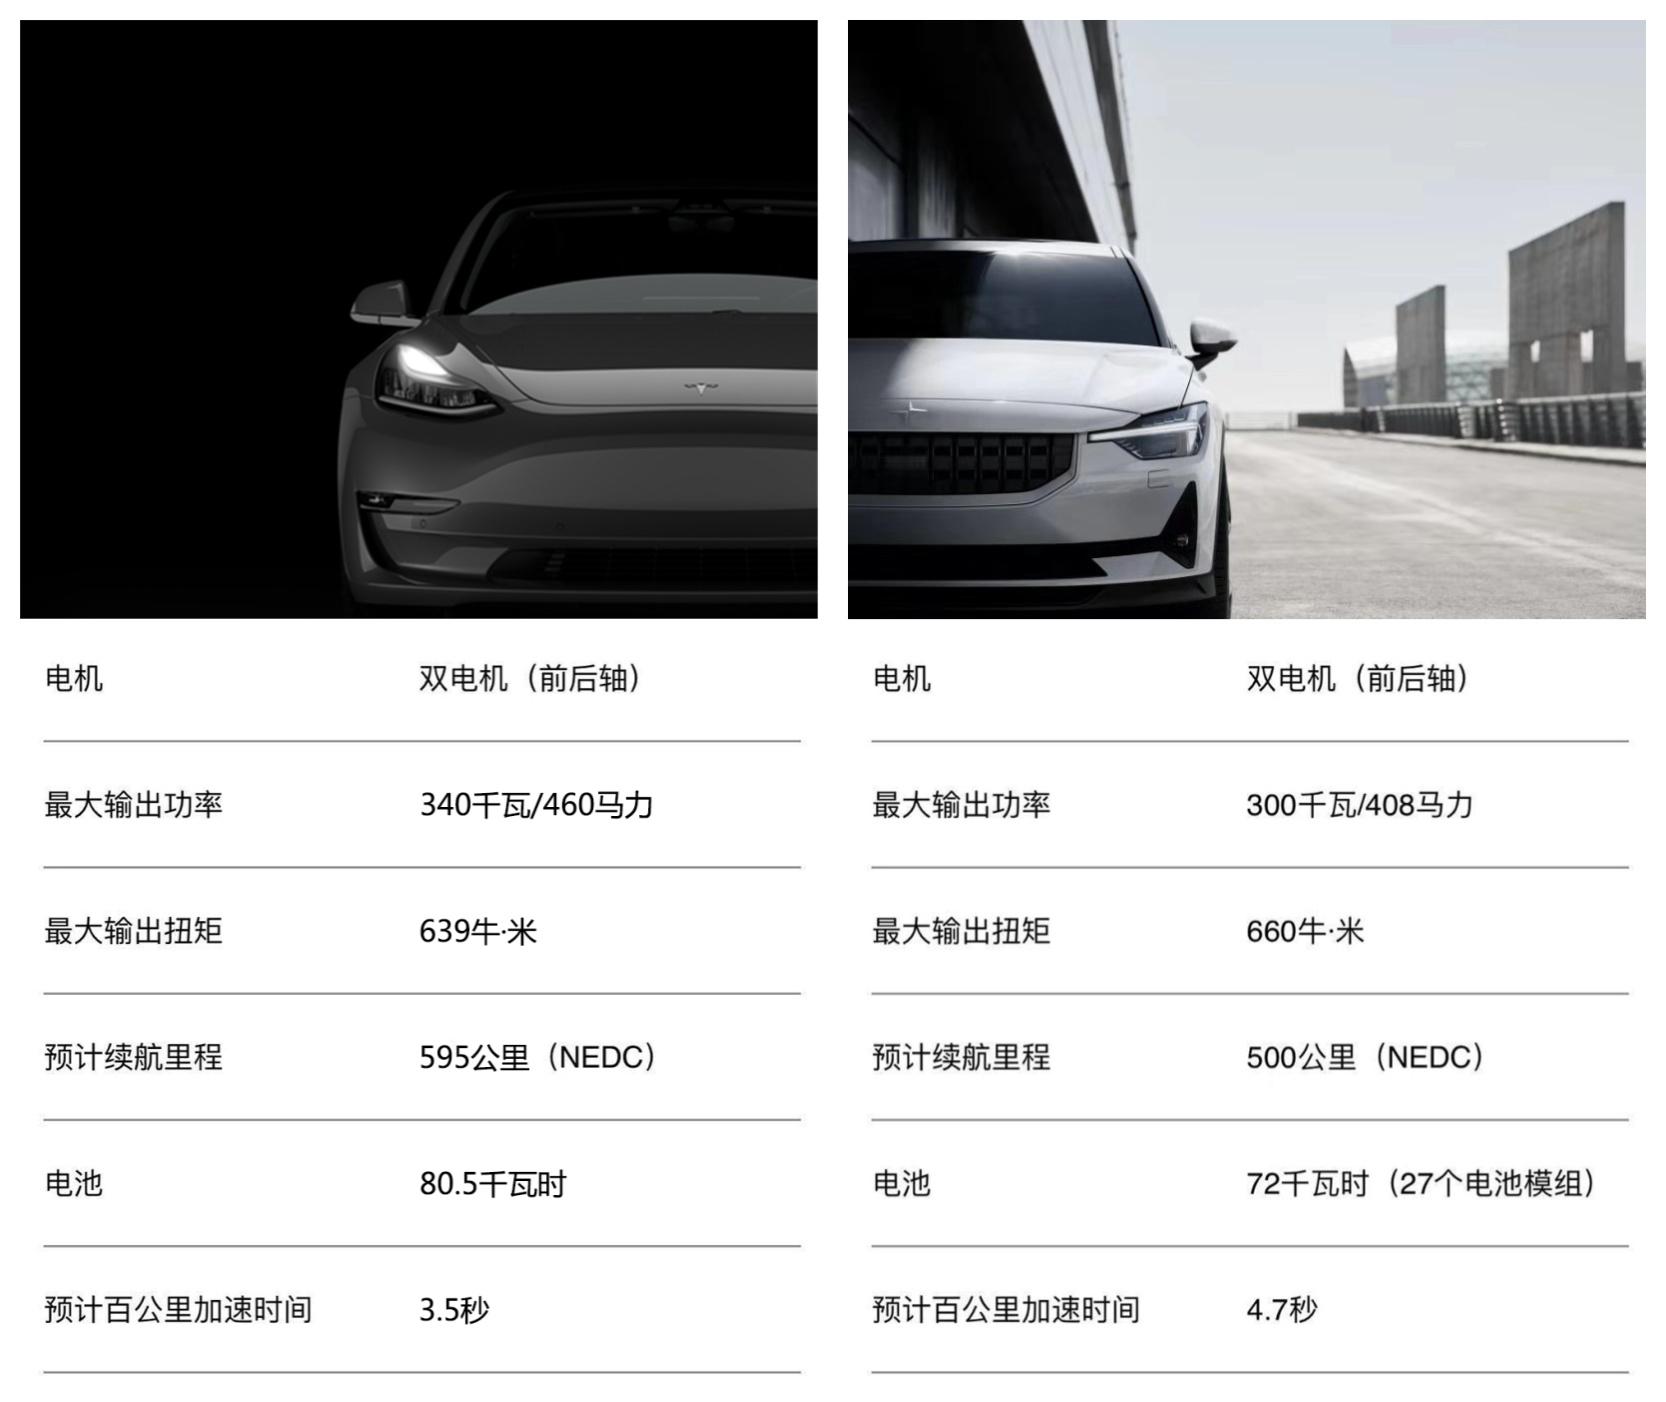 左侧为Model 3高性能版本的数据